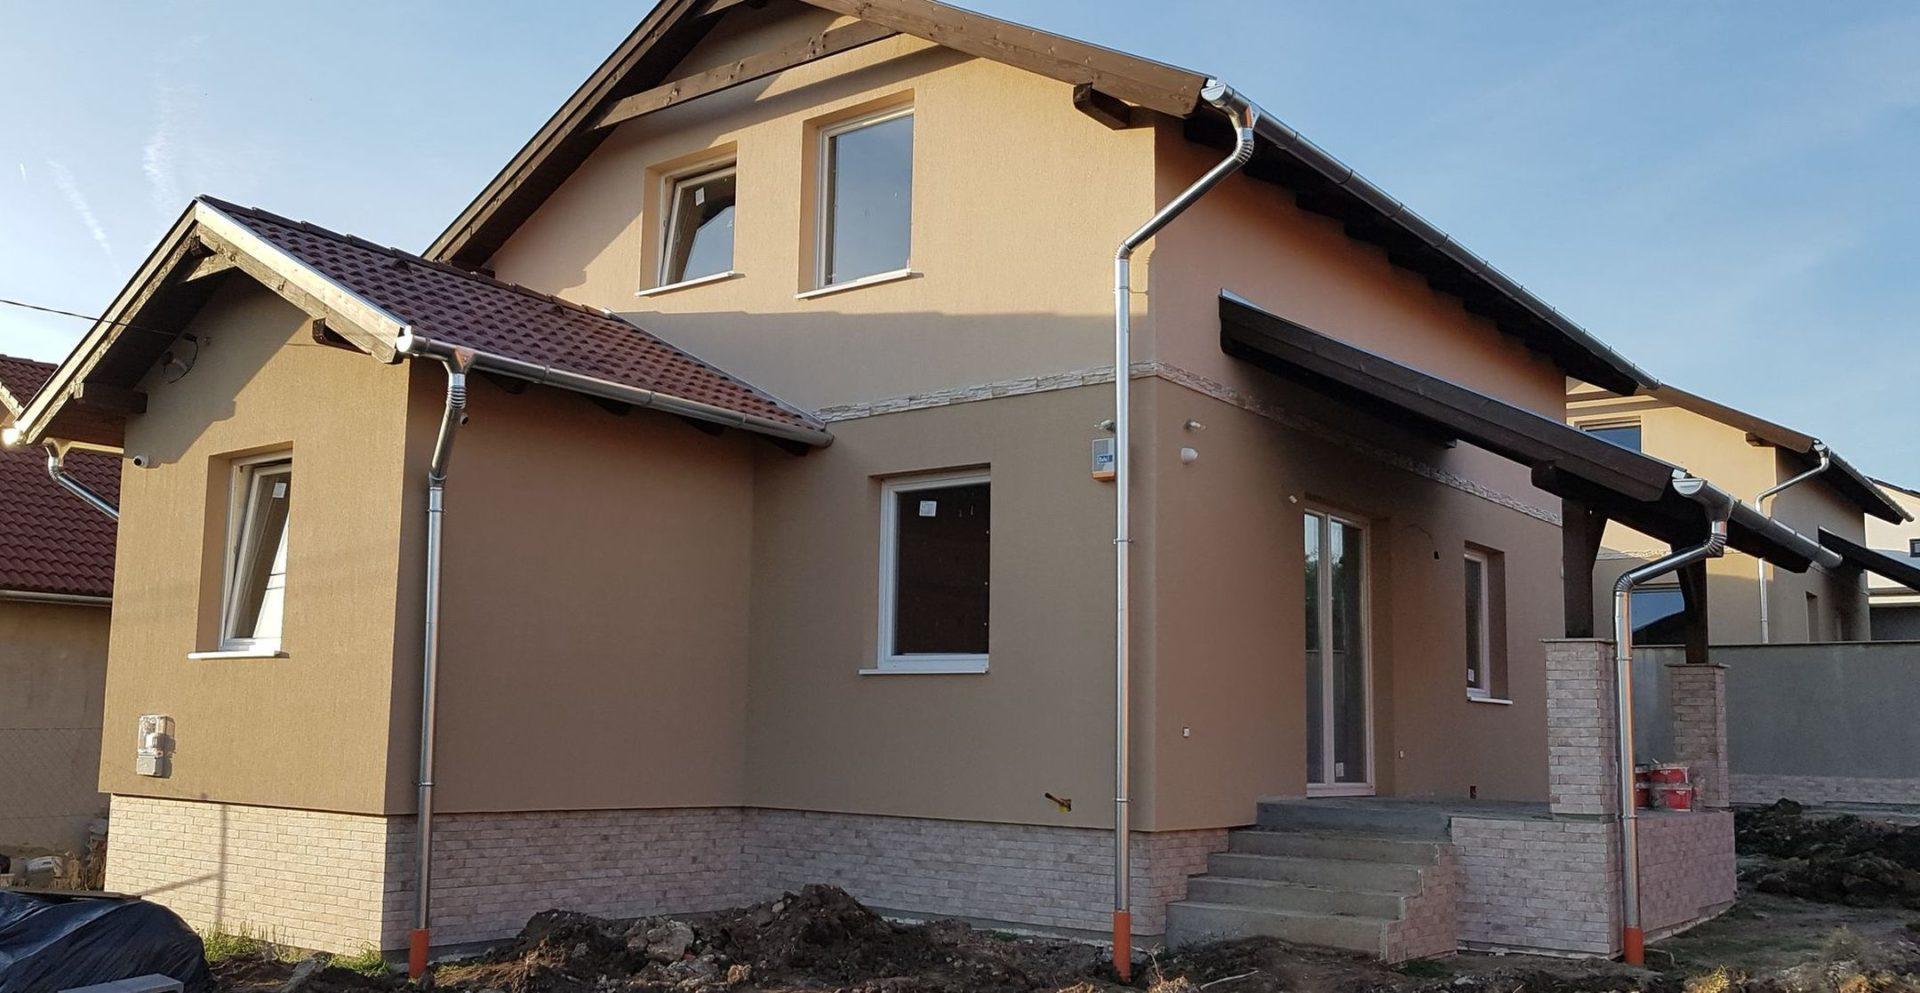 Maglódon,családi házak között eladó egy új építésű,belső kétszintes családi ház!